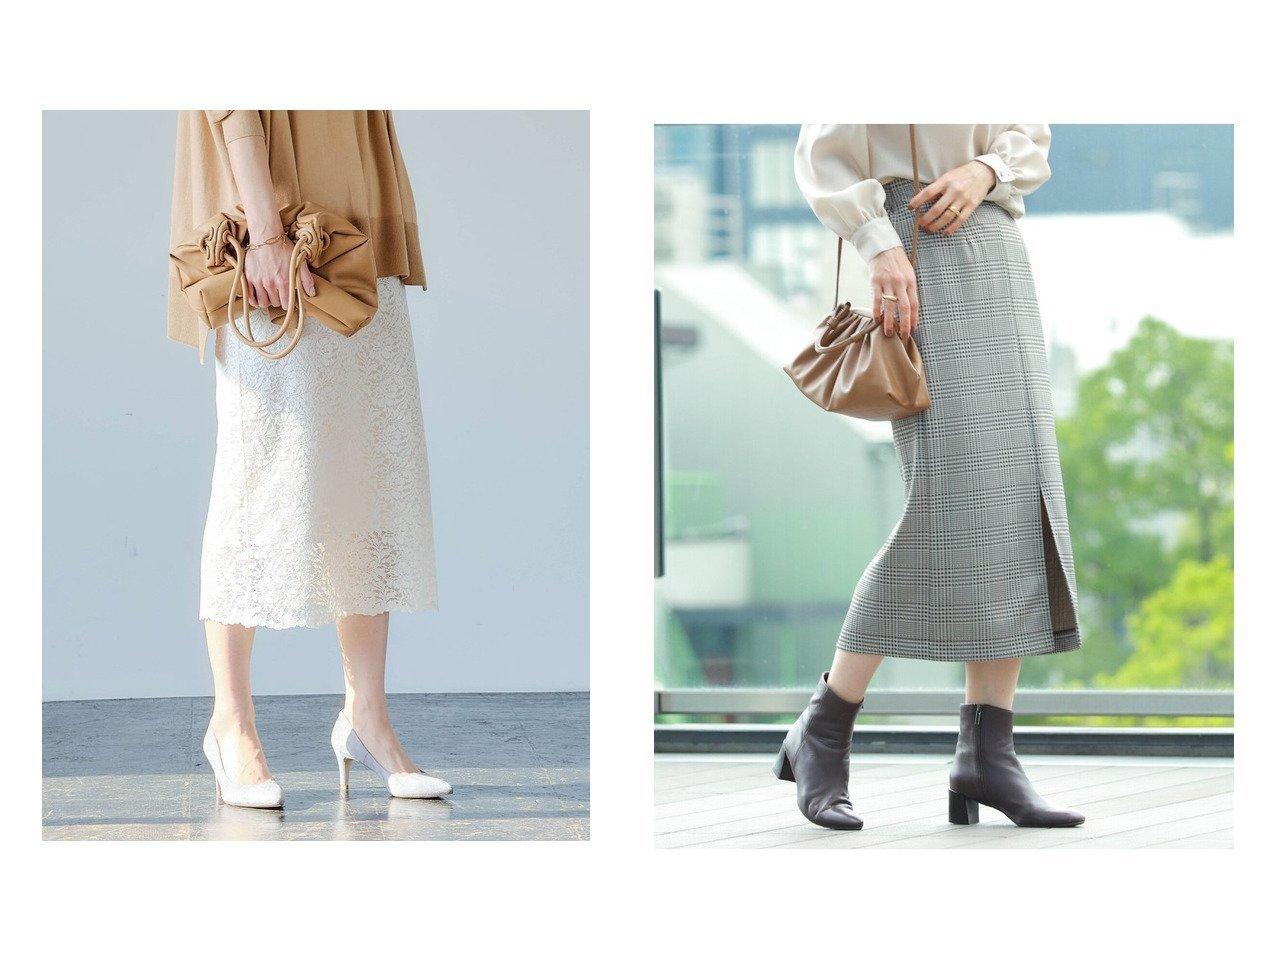 【Ray BEAMS/レイ ビームス】のカット ロング タイトスカート&【green label relaxing / UNITED ARROWS/グリーンレーベル リラクシング / ユナイテッドアローズ】のFFC ペタル レース Iライン スカート スカートのおすすめ!人気、トレンド・レディースファッションの通販 おすすめで人気の流行・トレンド、ファッションの通販商品 メンズファッション・キッズファッション・インテリア・家具・レディースファッション・服の通販 founy(ファニー) https://founy.com/ ファッション Fashion レディースファッション WOMEN スカート Skirt ロングスカート Long Skirt 春 Spring 秋 Autumn/Fall シューズ トレンド フェミニン フラット レース ロング NEW・新作・新着・新入荷 New Arrivals ストライプ スリット タイトスカート チェック フロント |ID:crp329100000014667